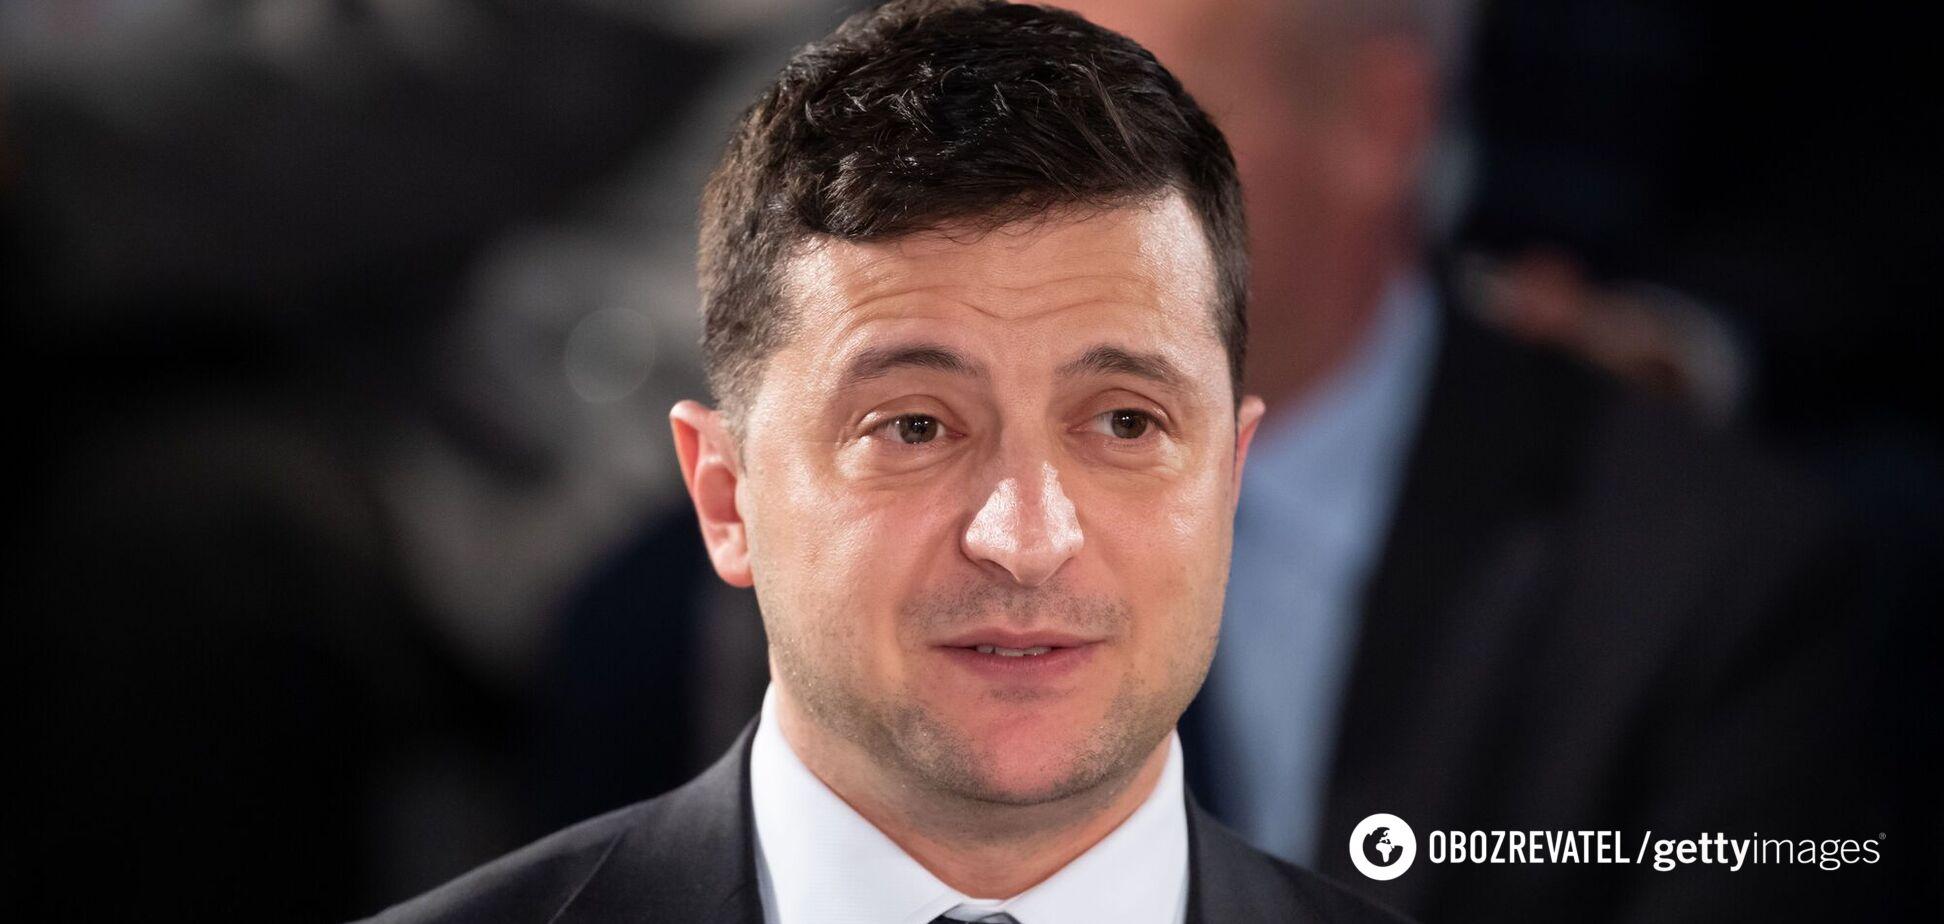 Зеленський висловив готовність приєднатися до нових санкцій проти РФ